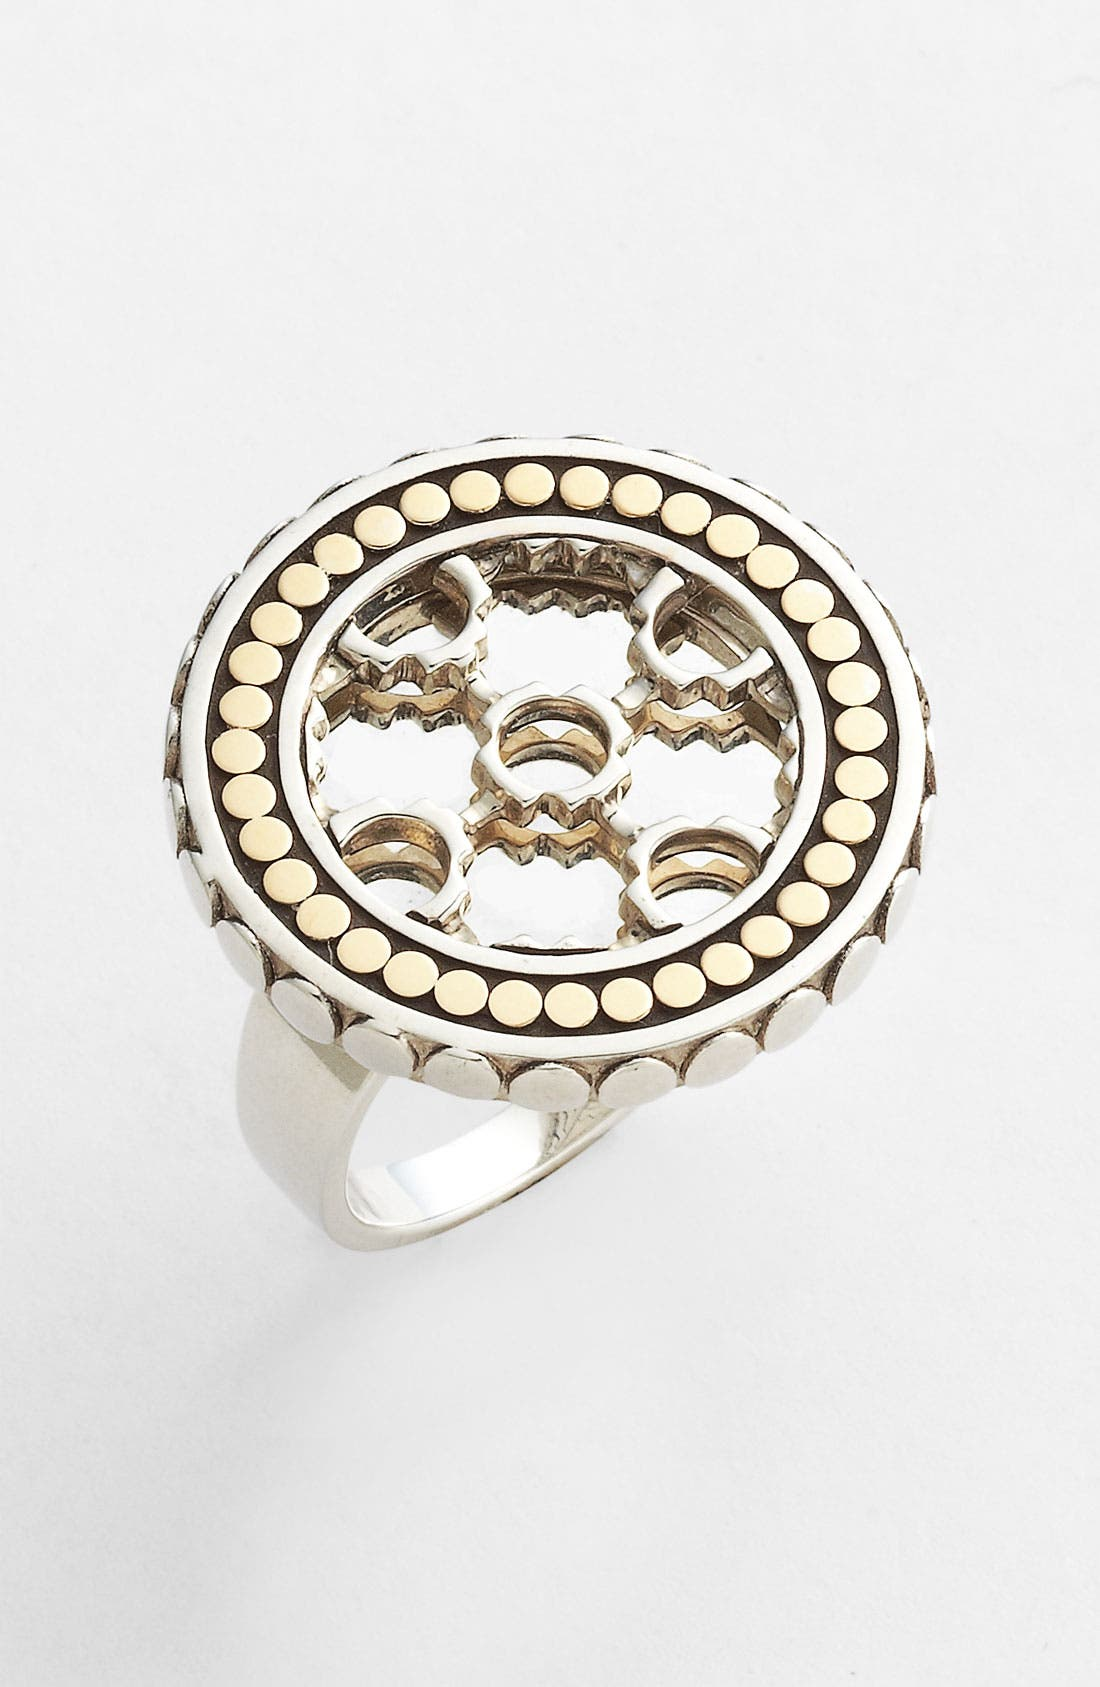 Main Image - John Hardy 'Dot' Coin Ring